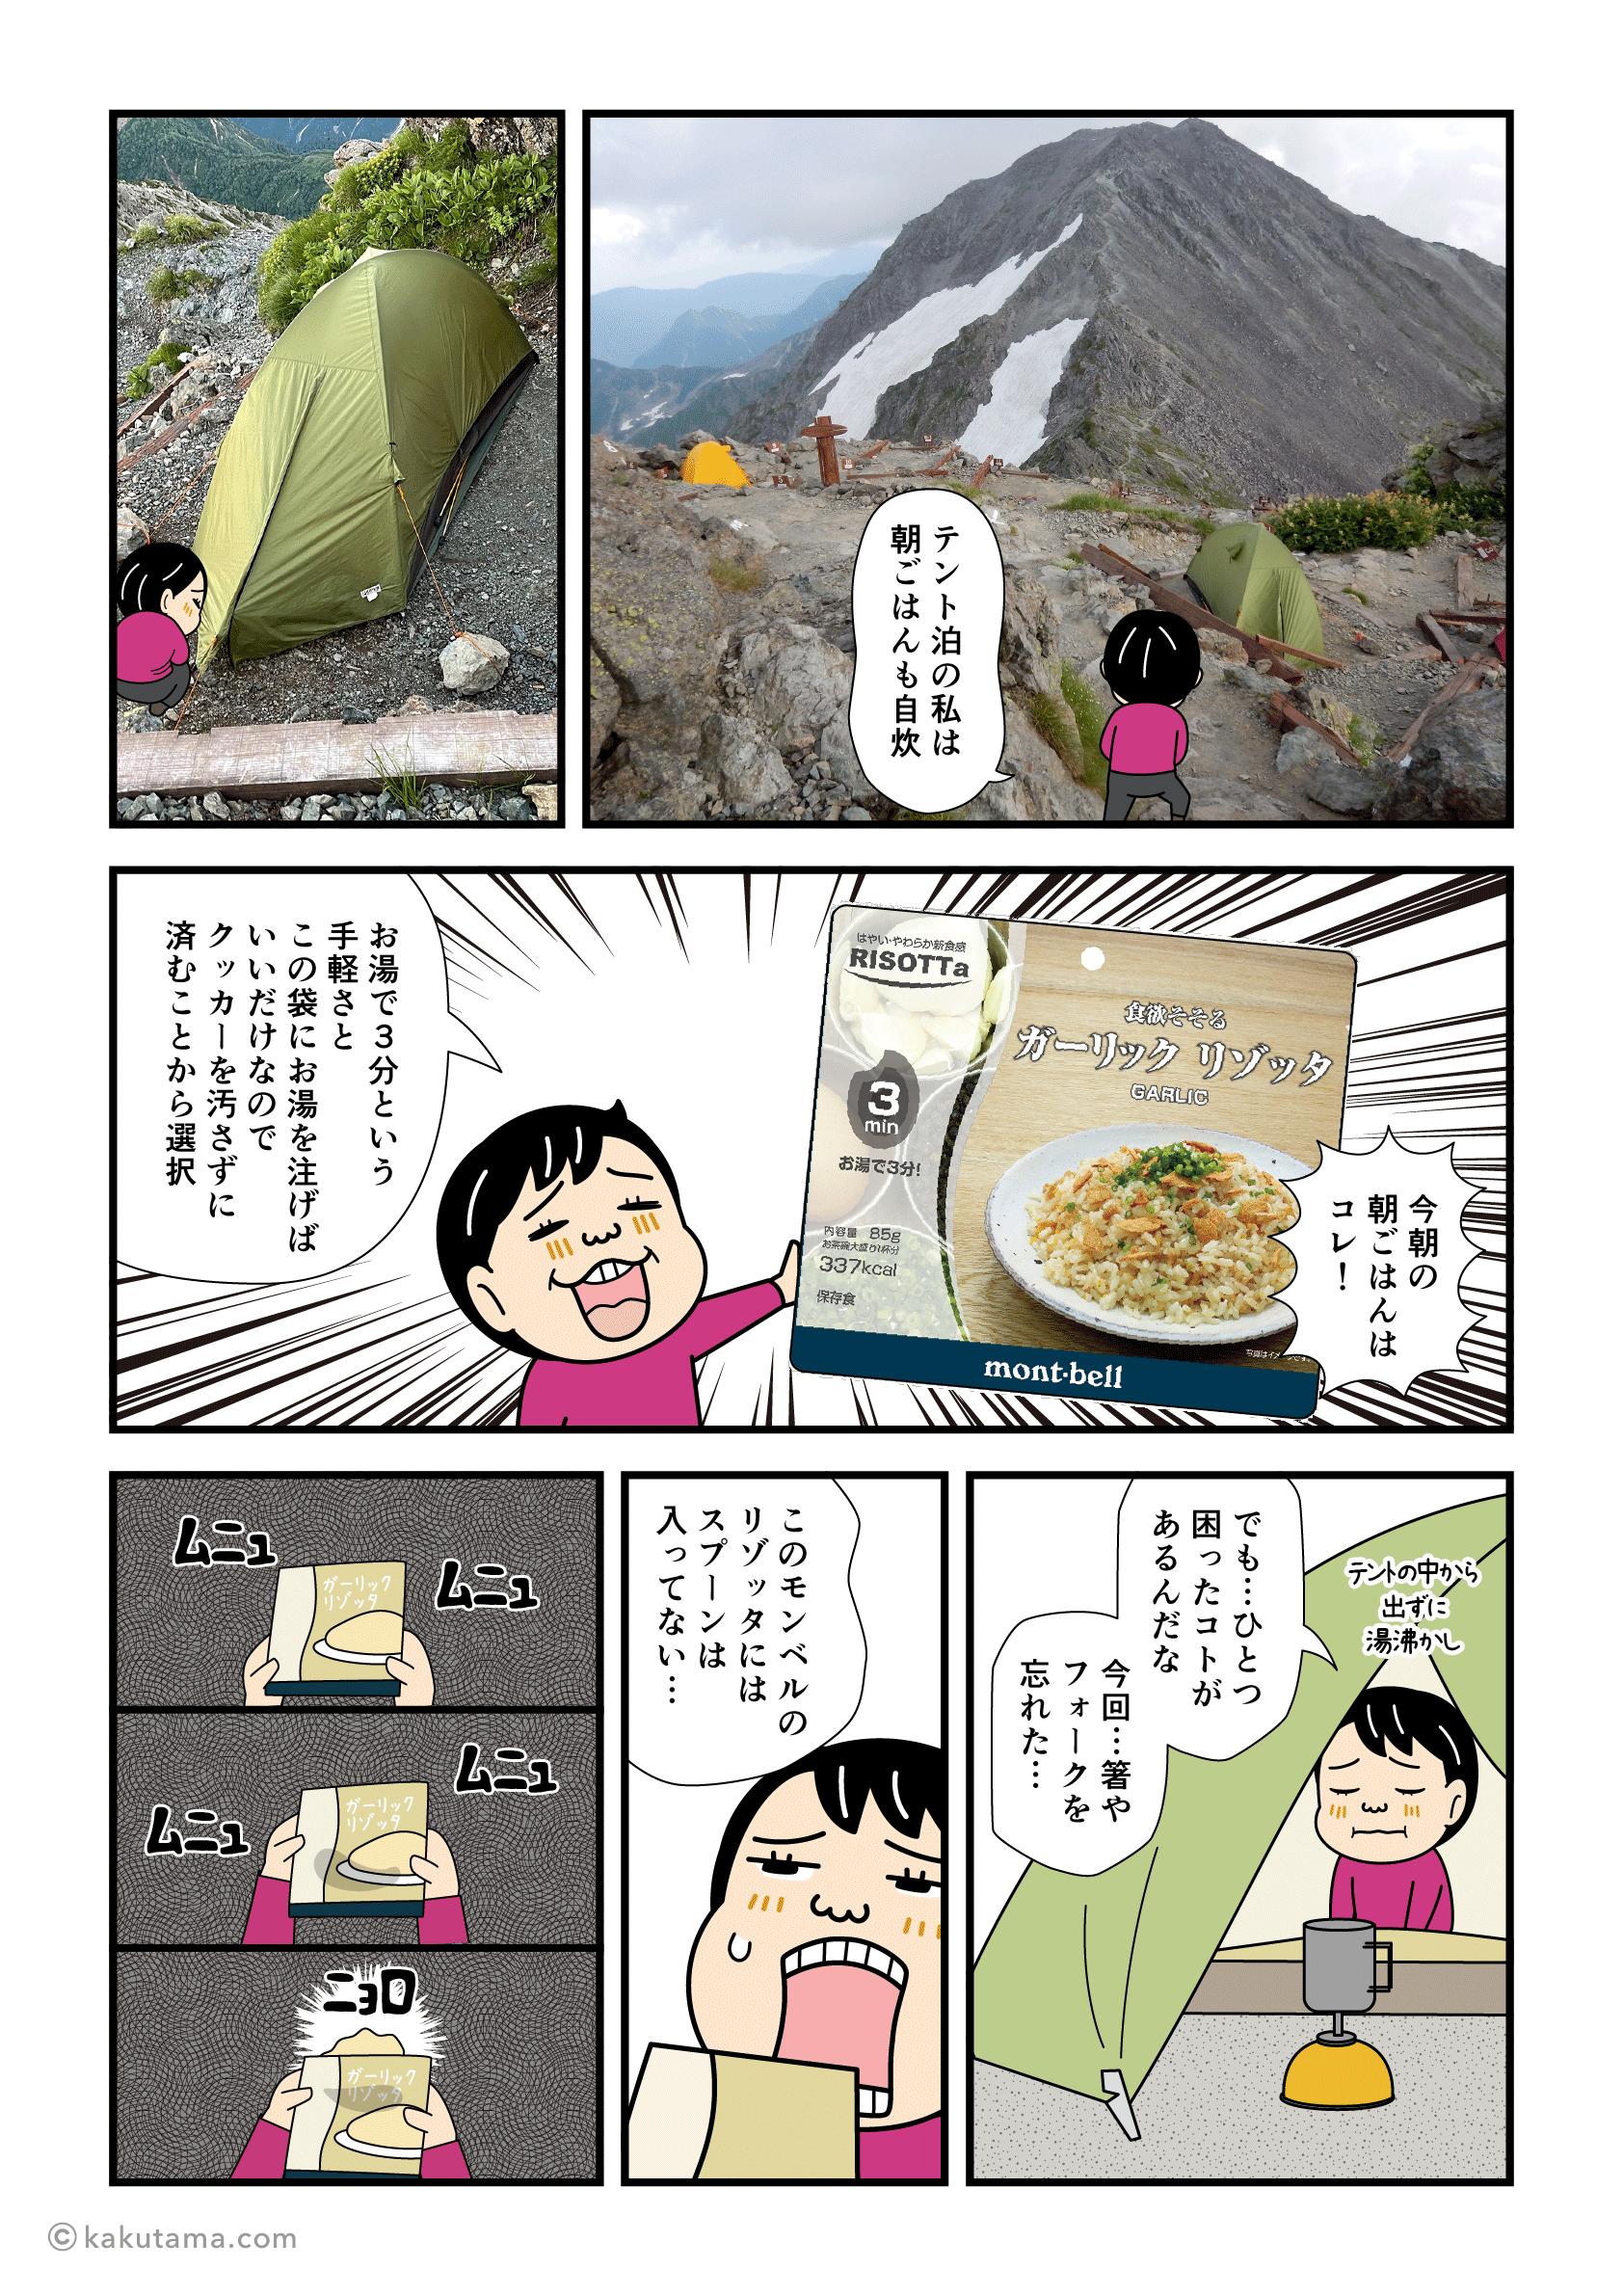 槍ヶ岳山荘テント場で食べた自炊朝食の漫画